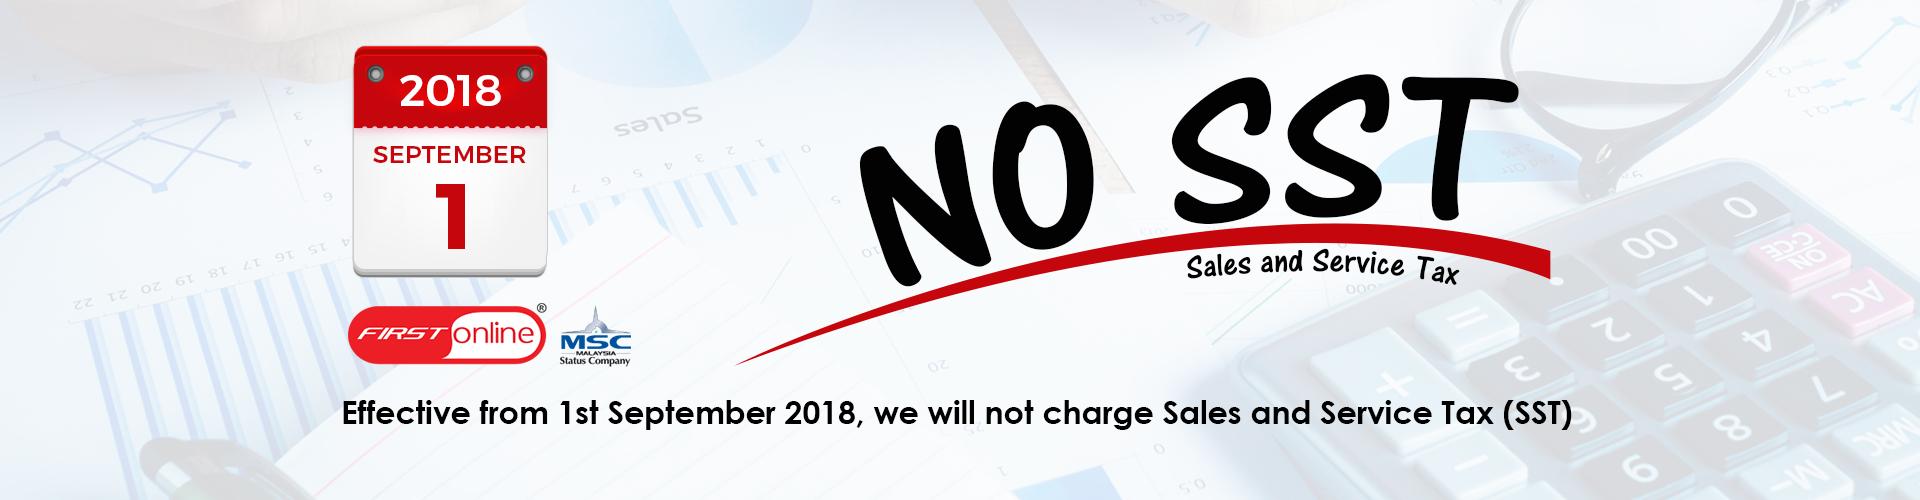 No SST Banner